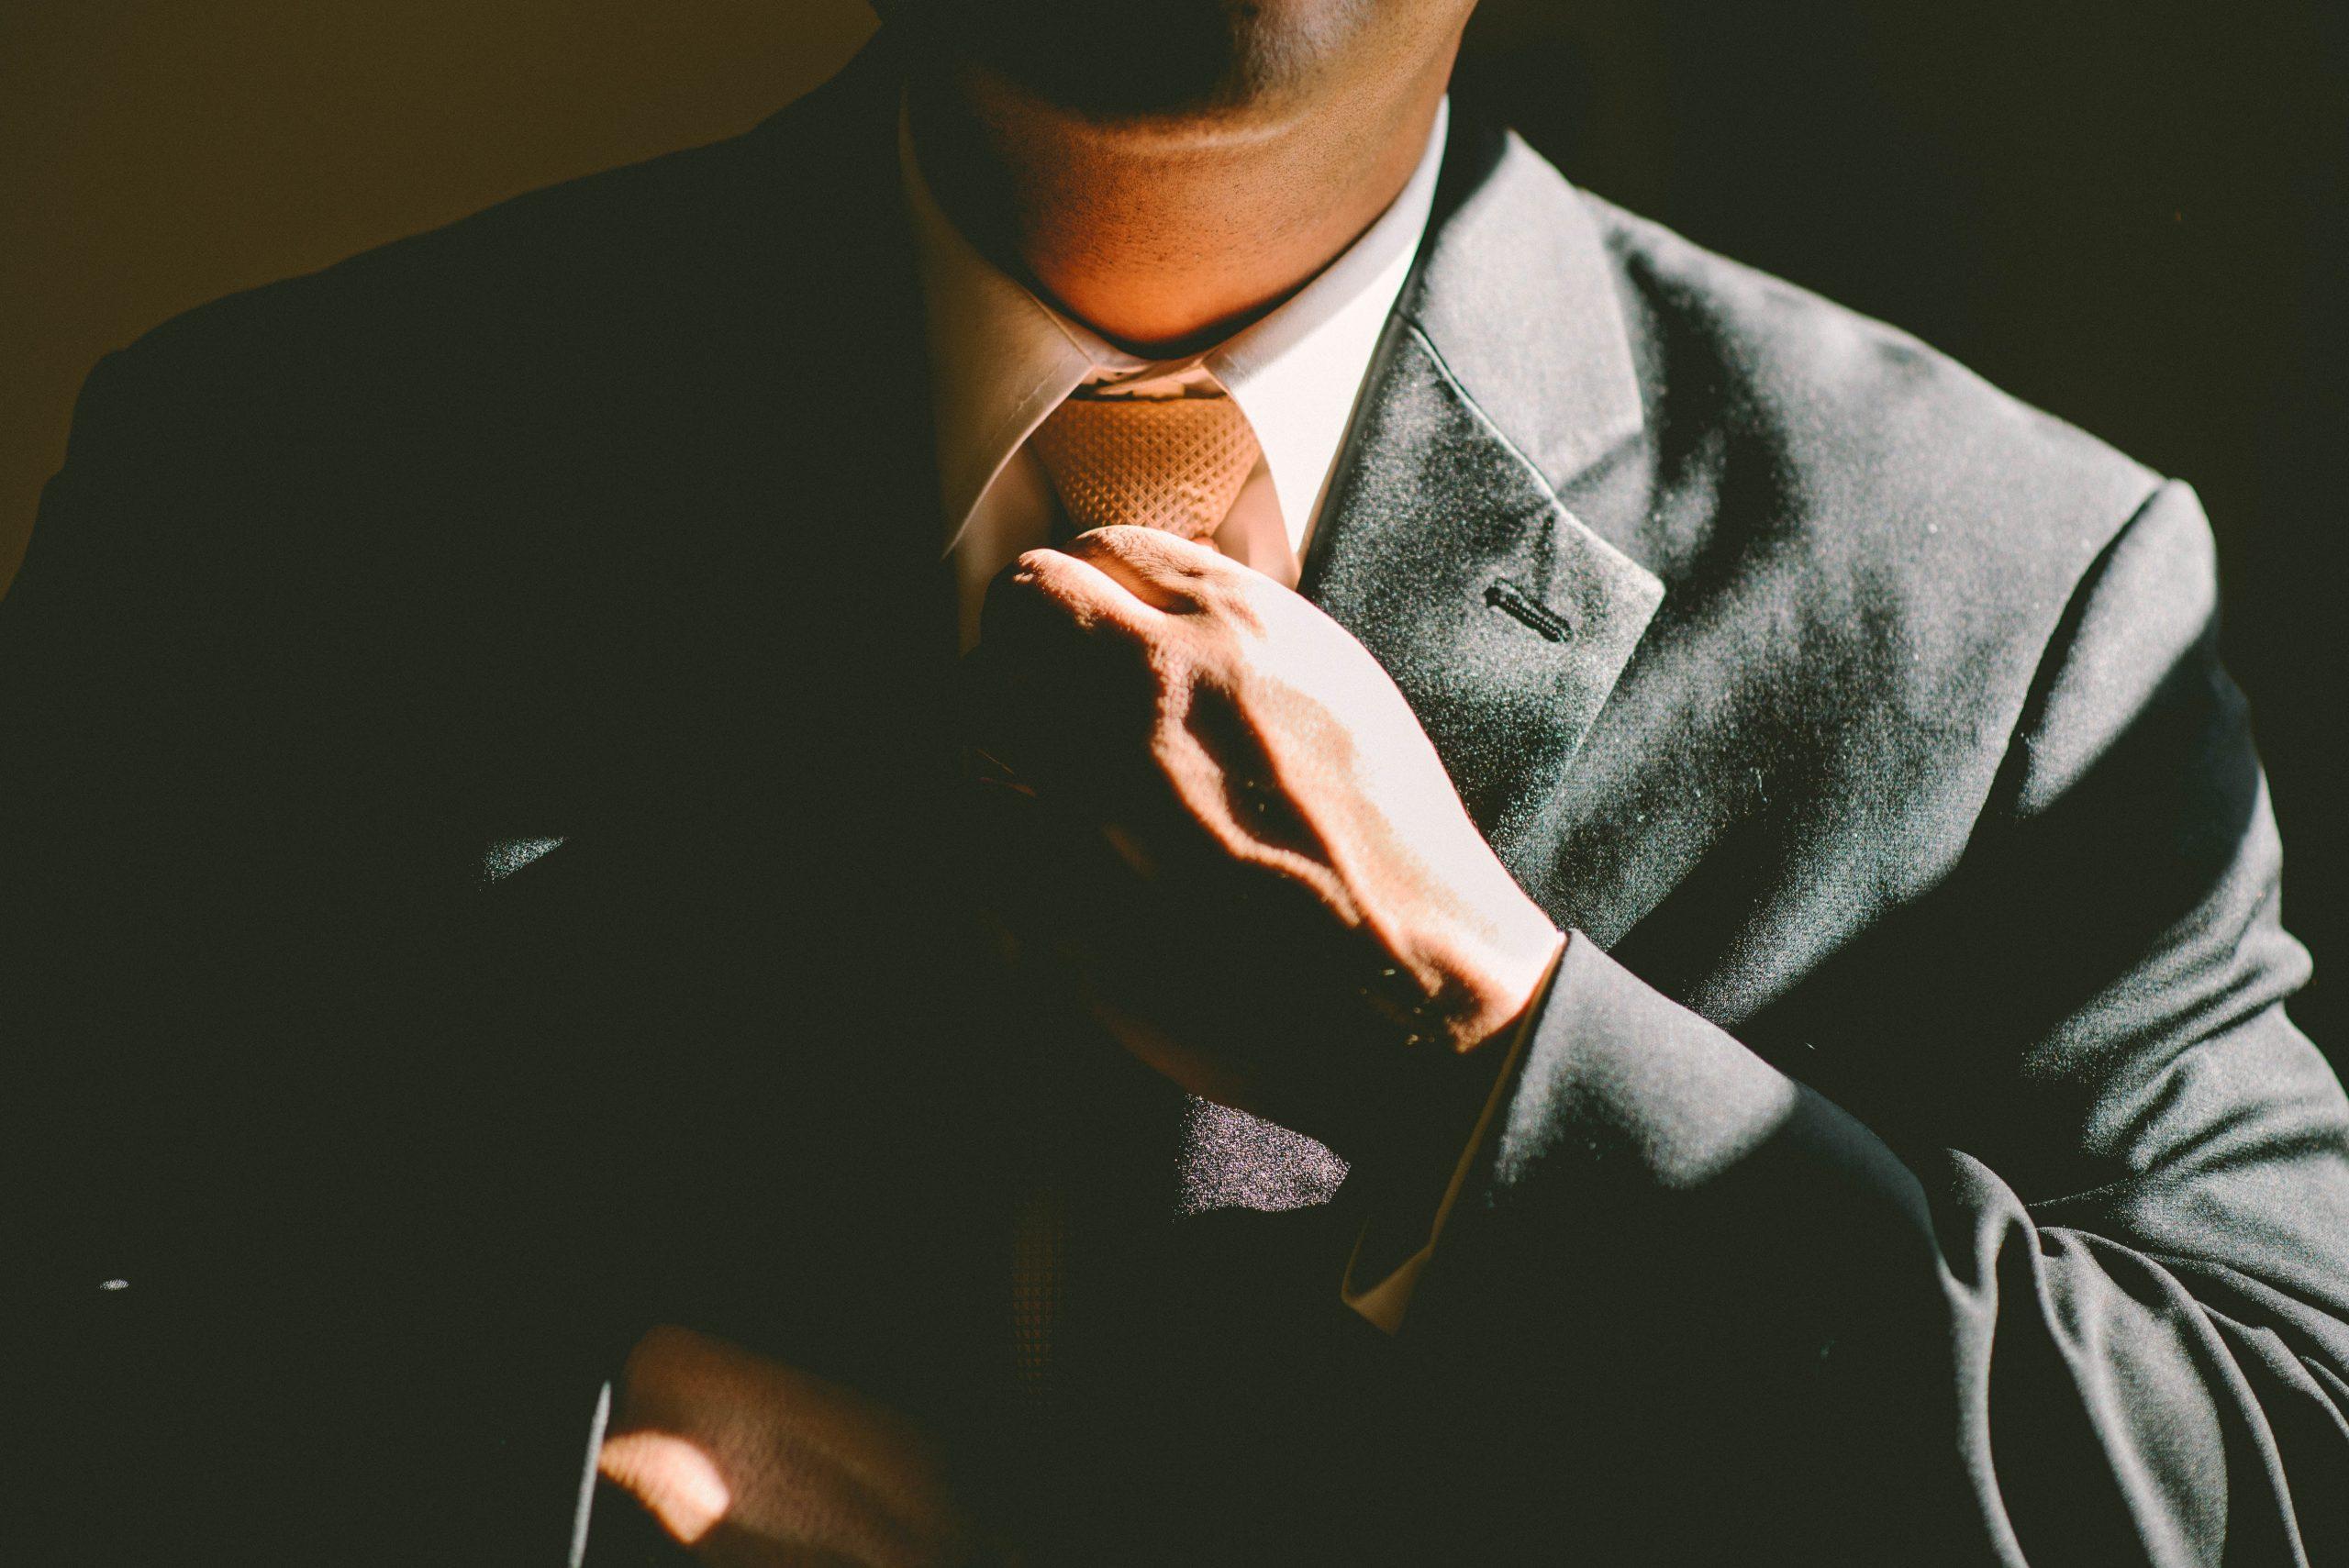 کارآفرینی به چه معناست و کارآفرین کیست؟